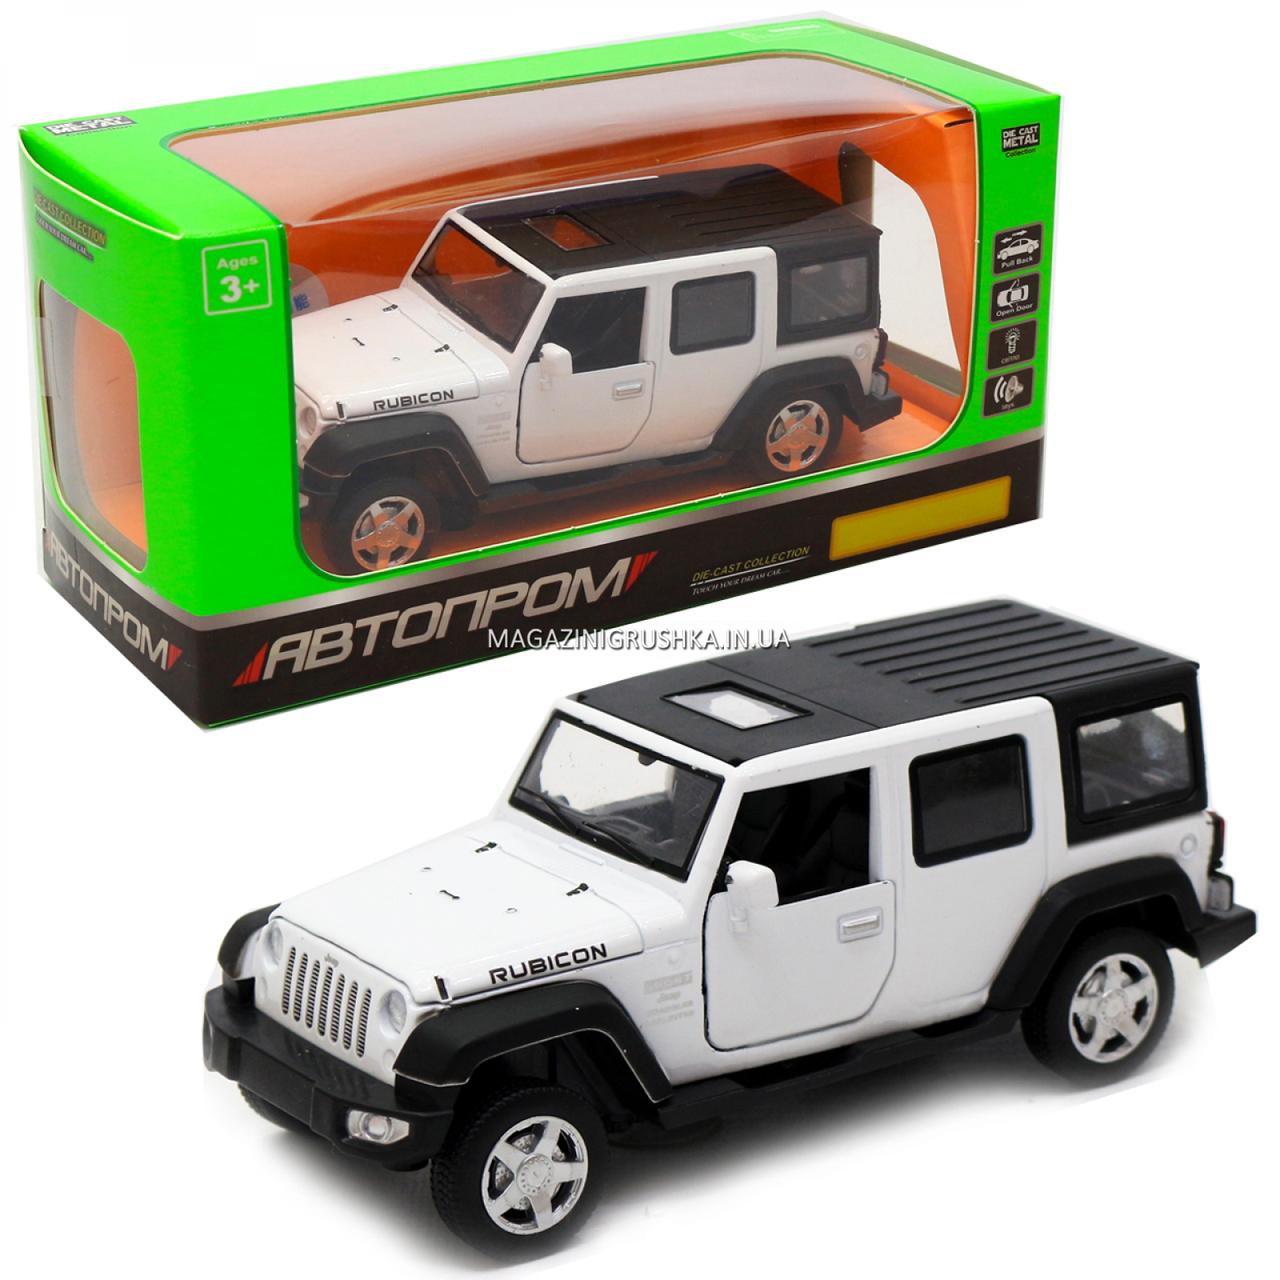 Іграшкова машинка металева джип «Jeep», Автопром, білий, 6*15*6 см, від 3 років, (6616)